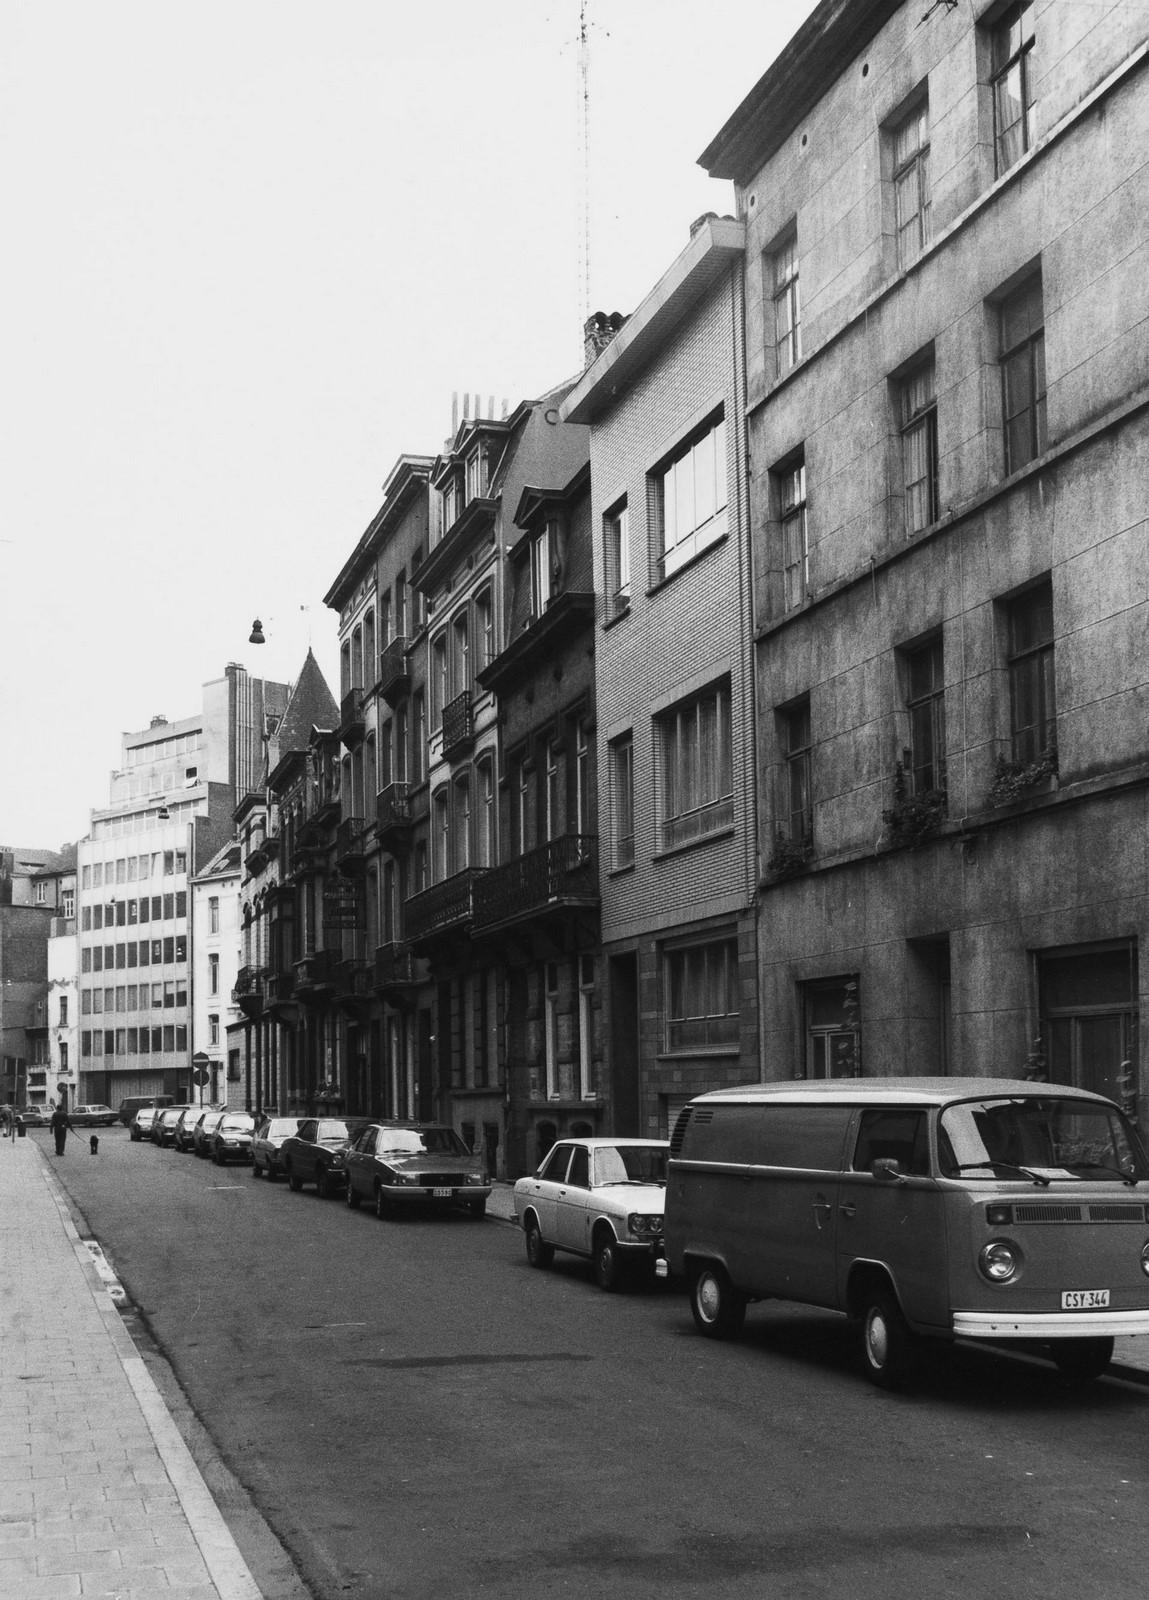 Rue d'Artois 2 à 22, aspect rue, 1979